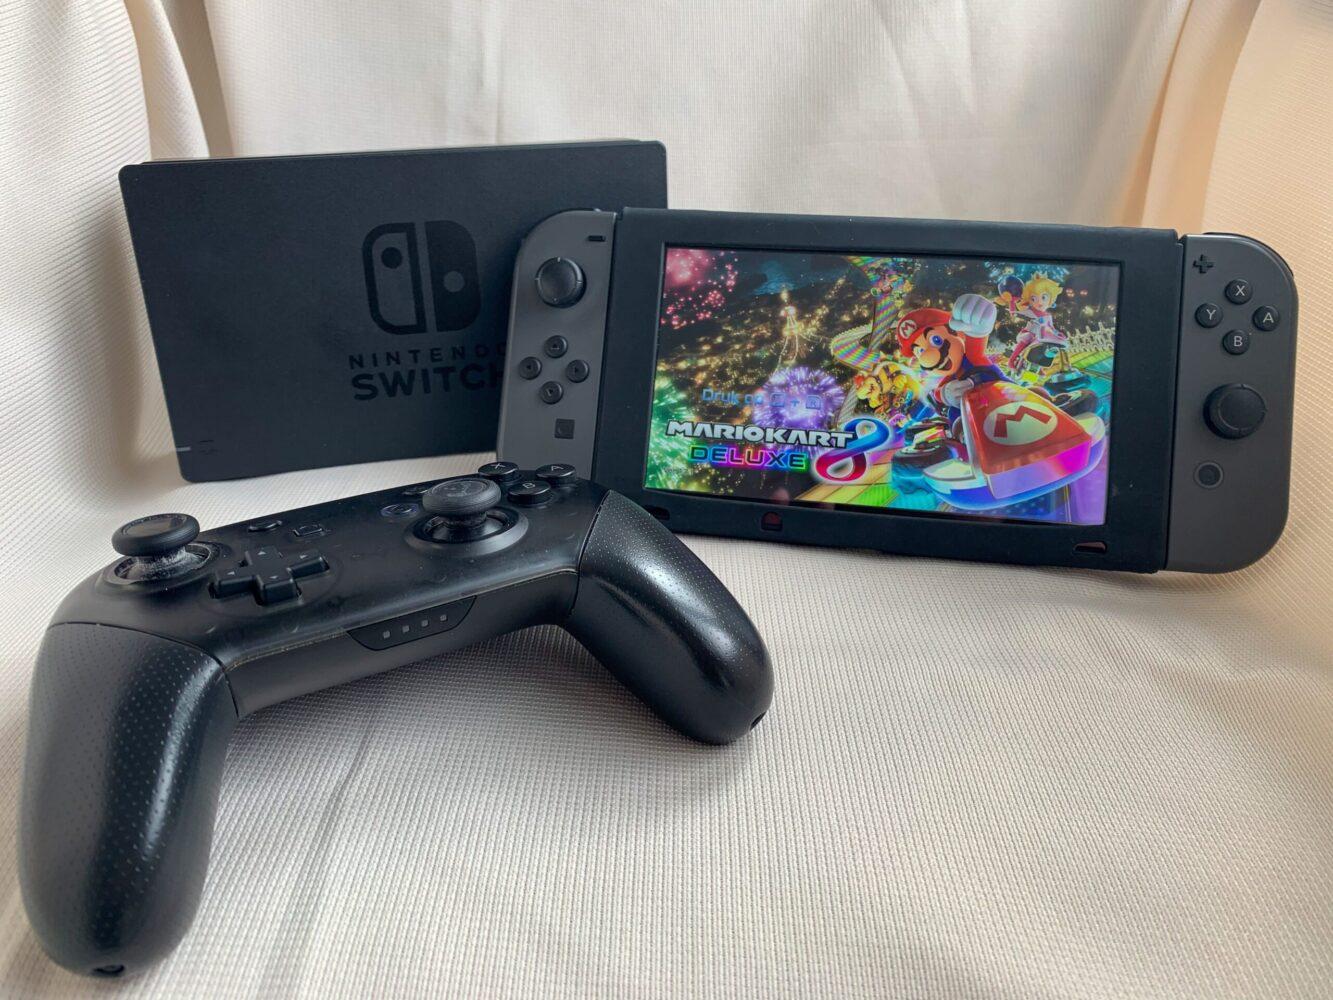 Het Gezinsleven - Gezinsactiviteiten - Speelgoed - De Nintendo Switch - Nintendo Switch compleet